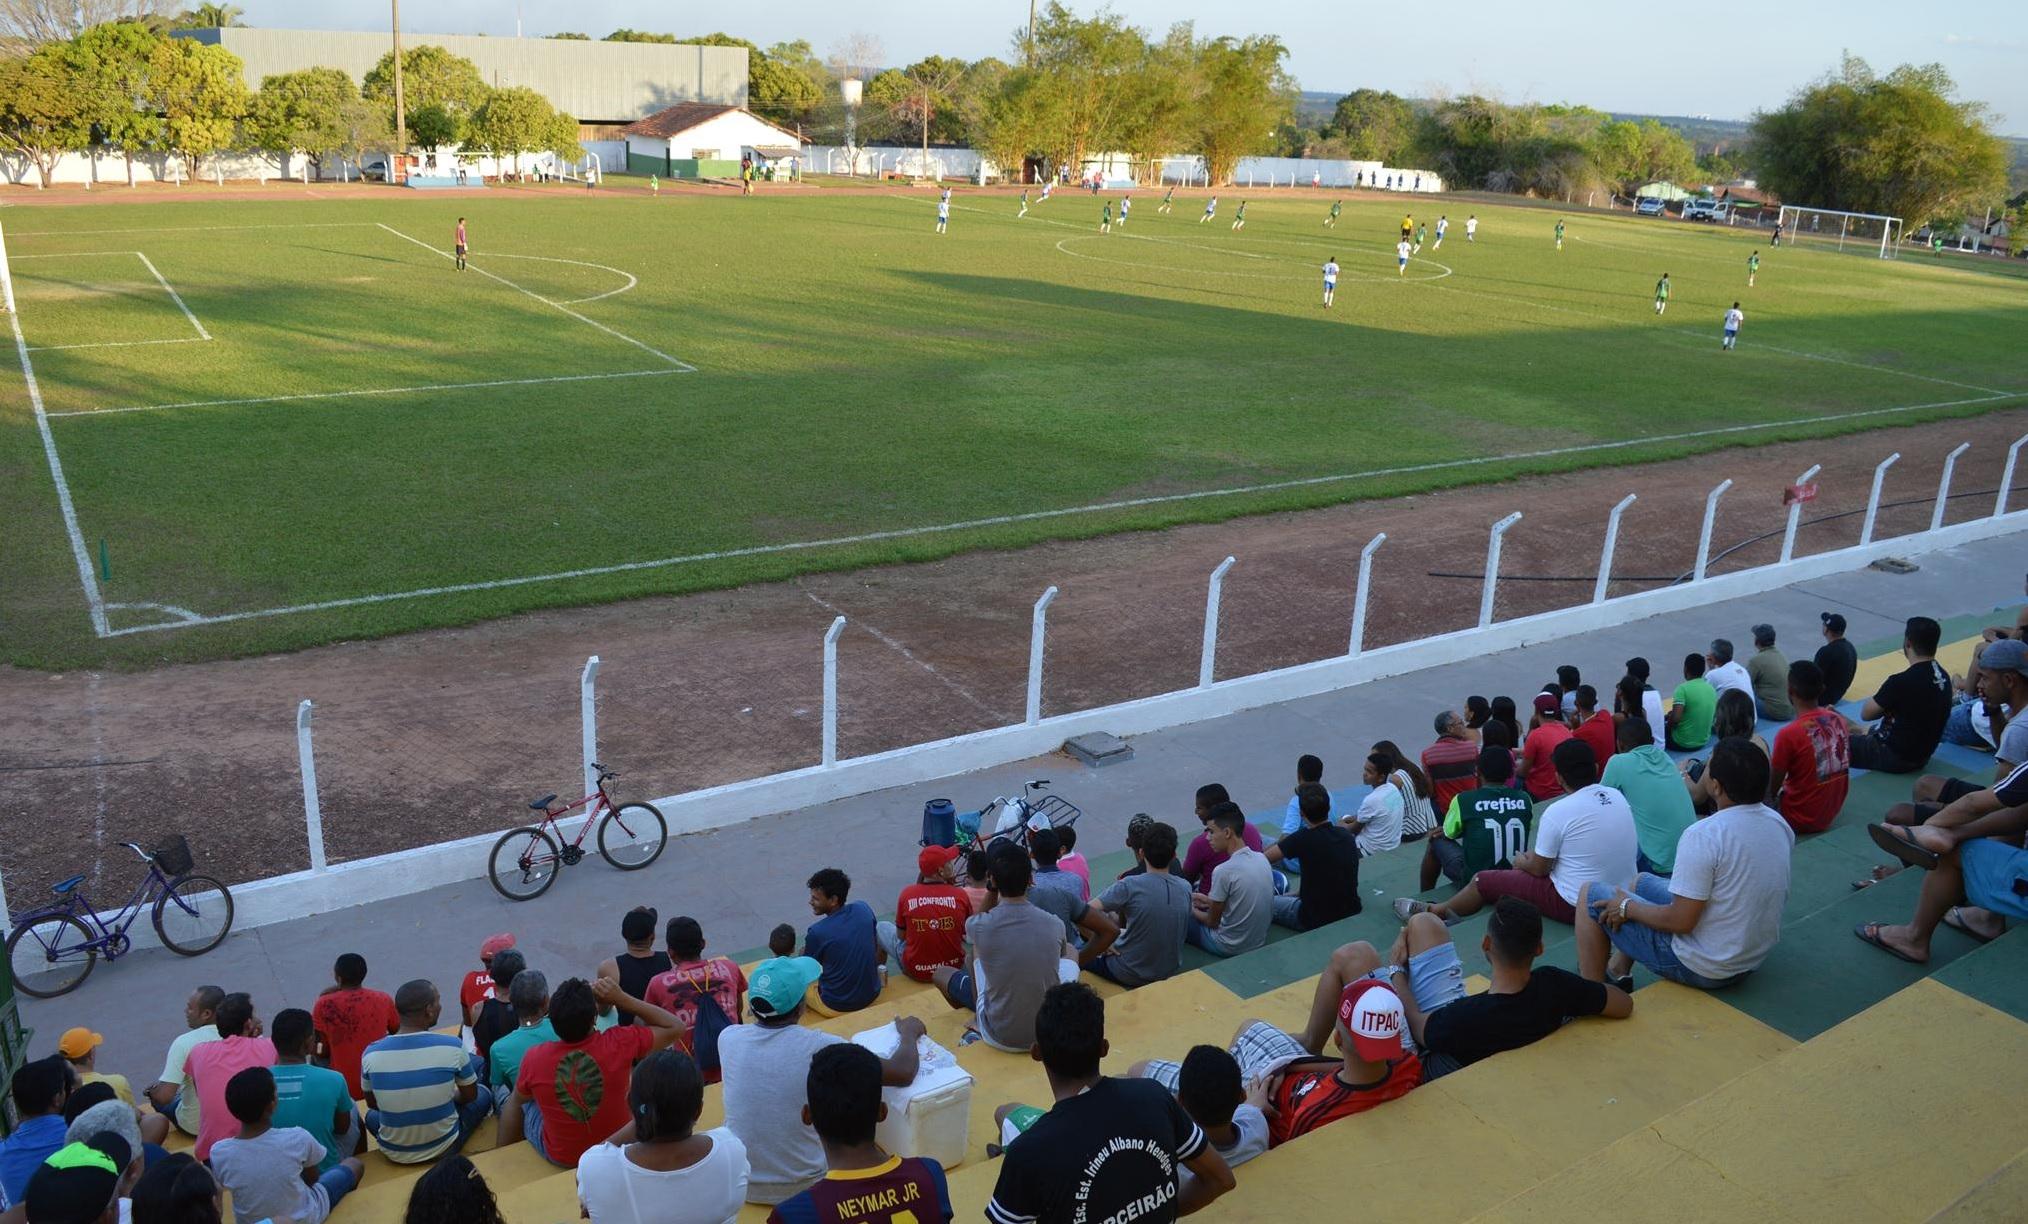 Publicado o edital para reforma e ampliação do Estádio Municipal Delfinão na cidade de Guaraí